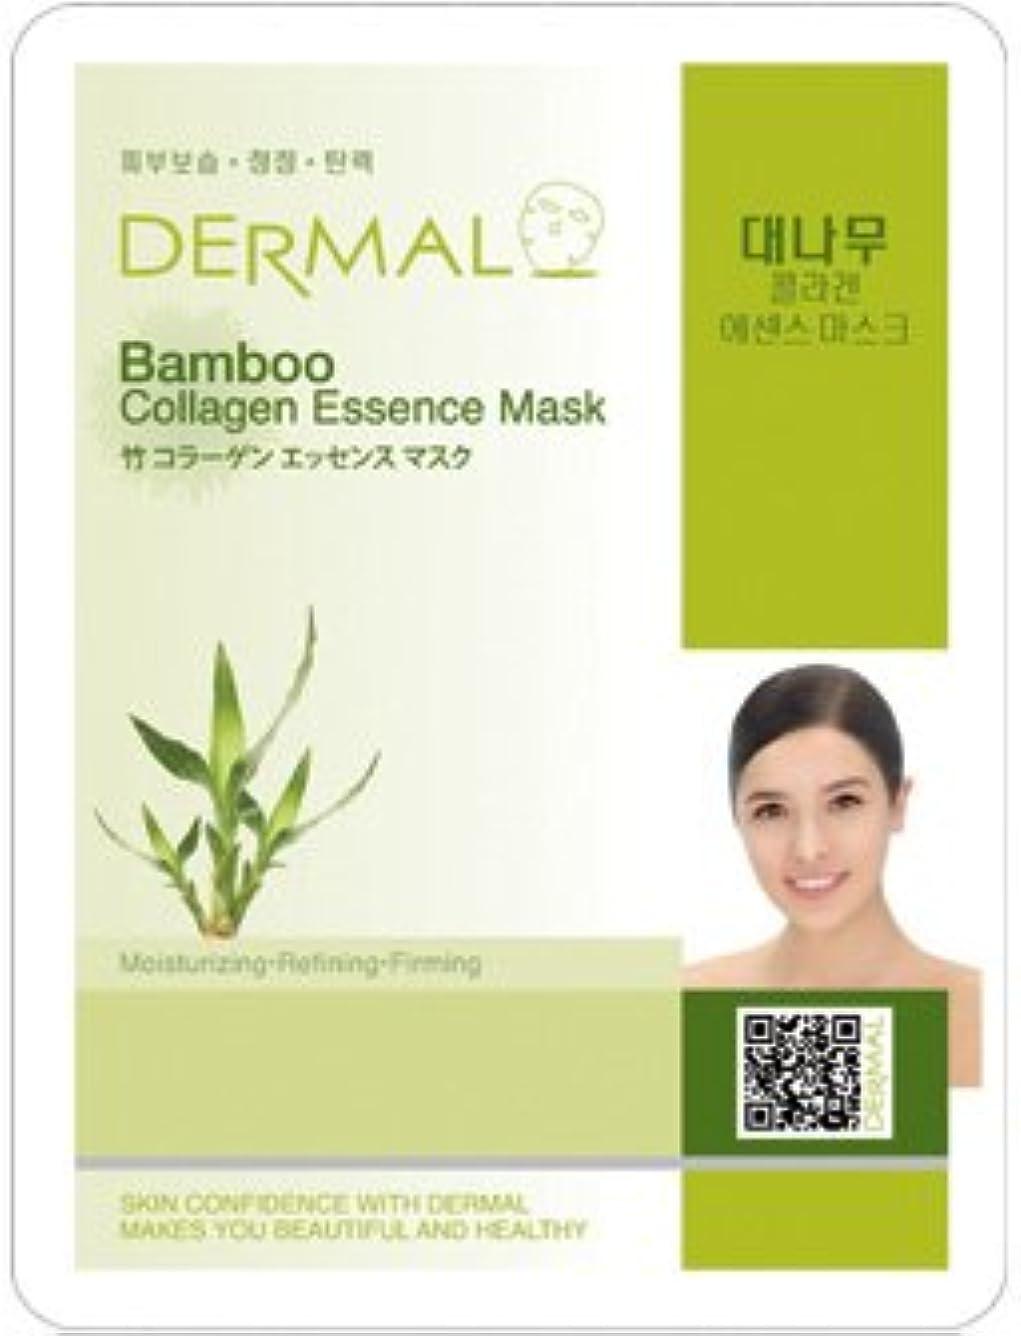 そうでなければライバル生まれシート マスク 竹 ダーマル Dermal 23g (10枚セット) 韓国コスメ フェイス パック